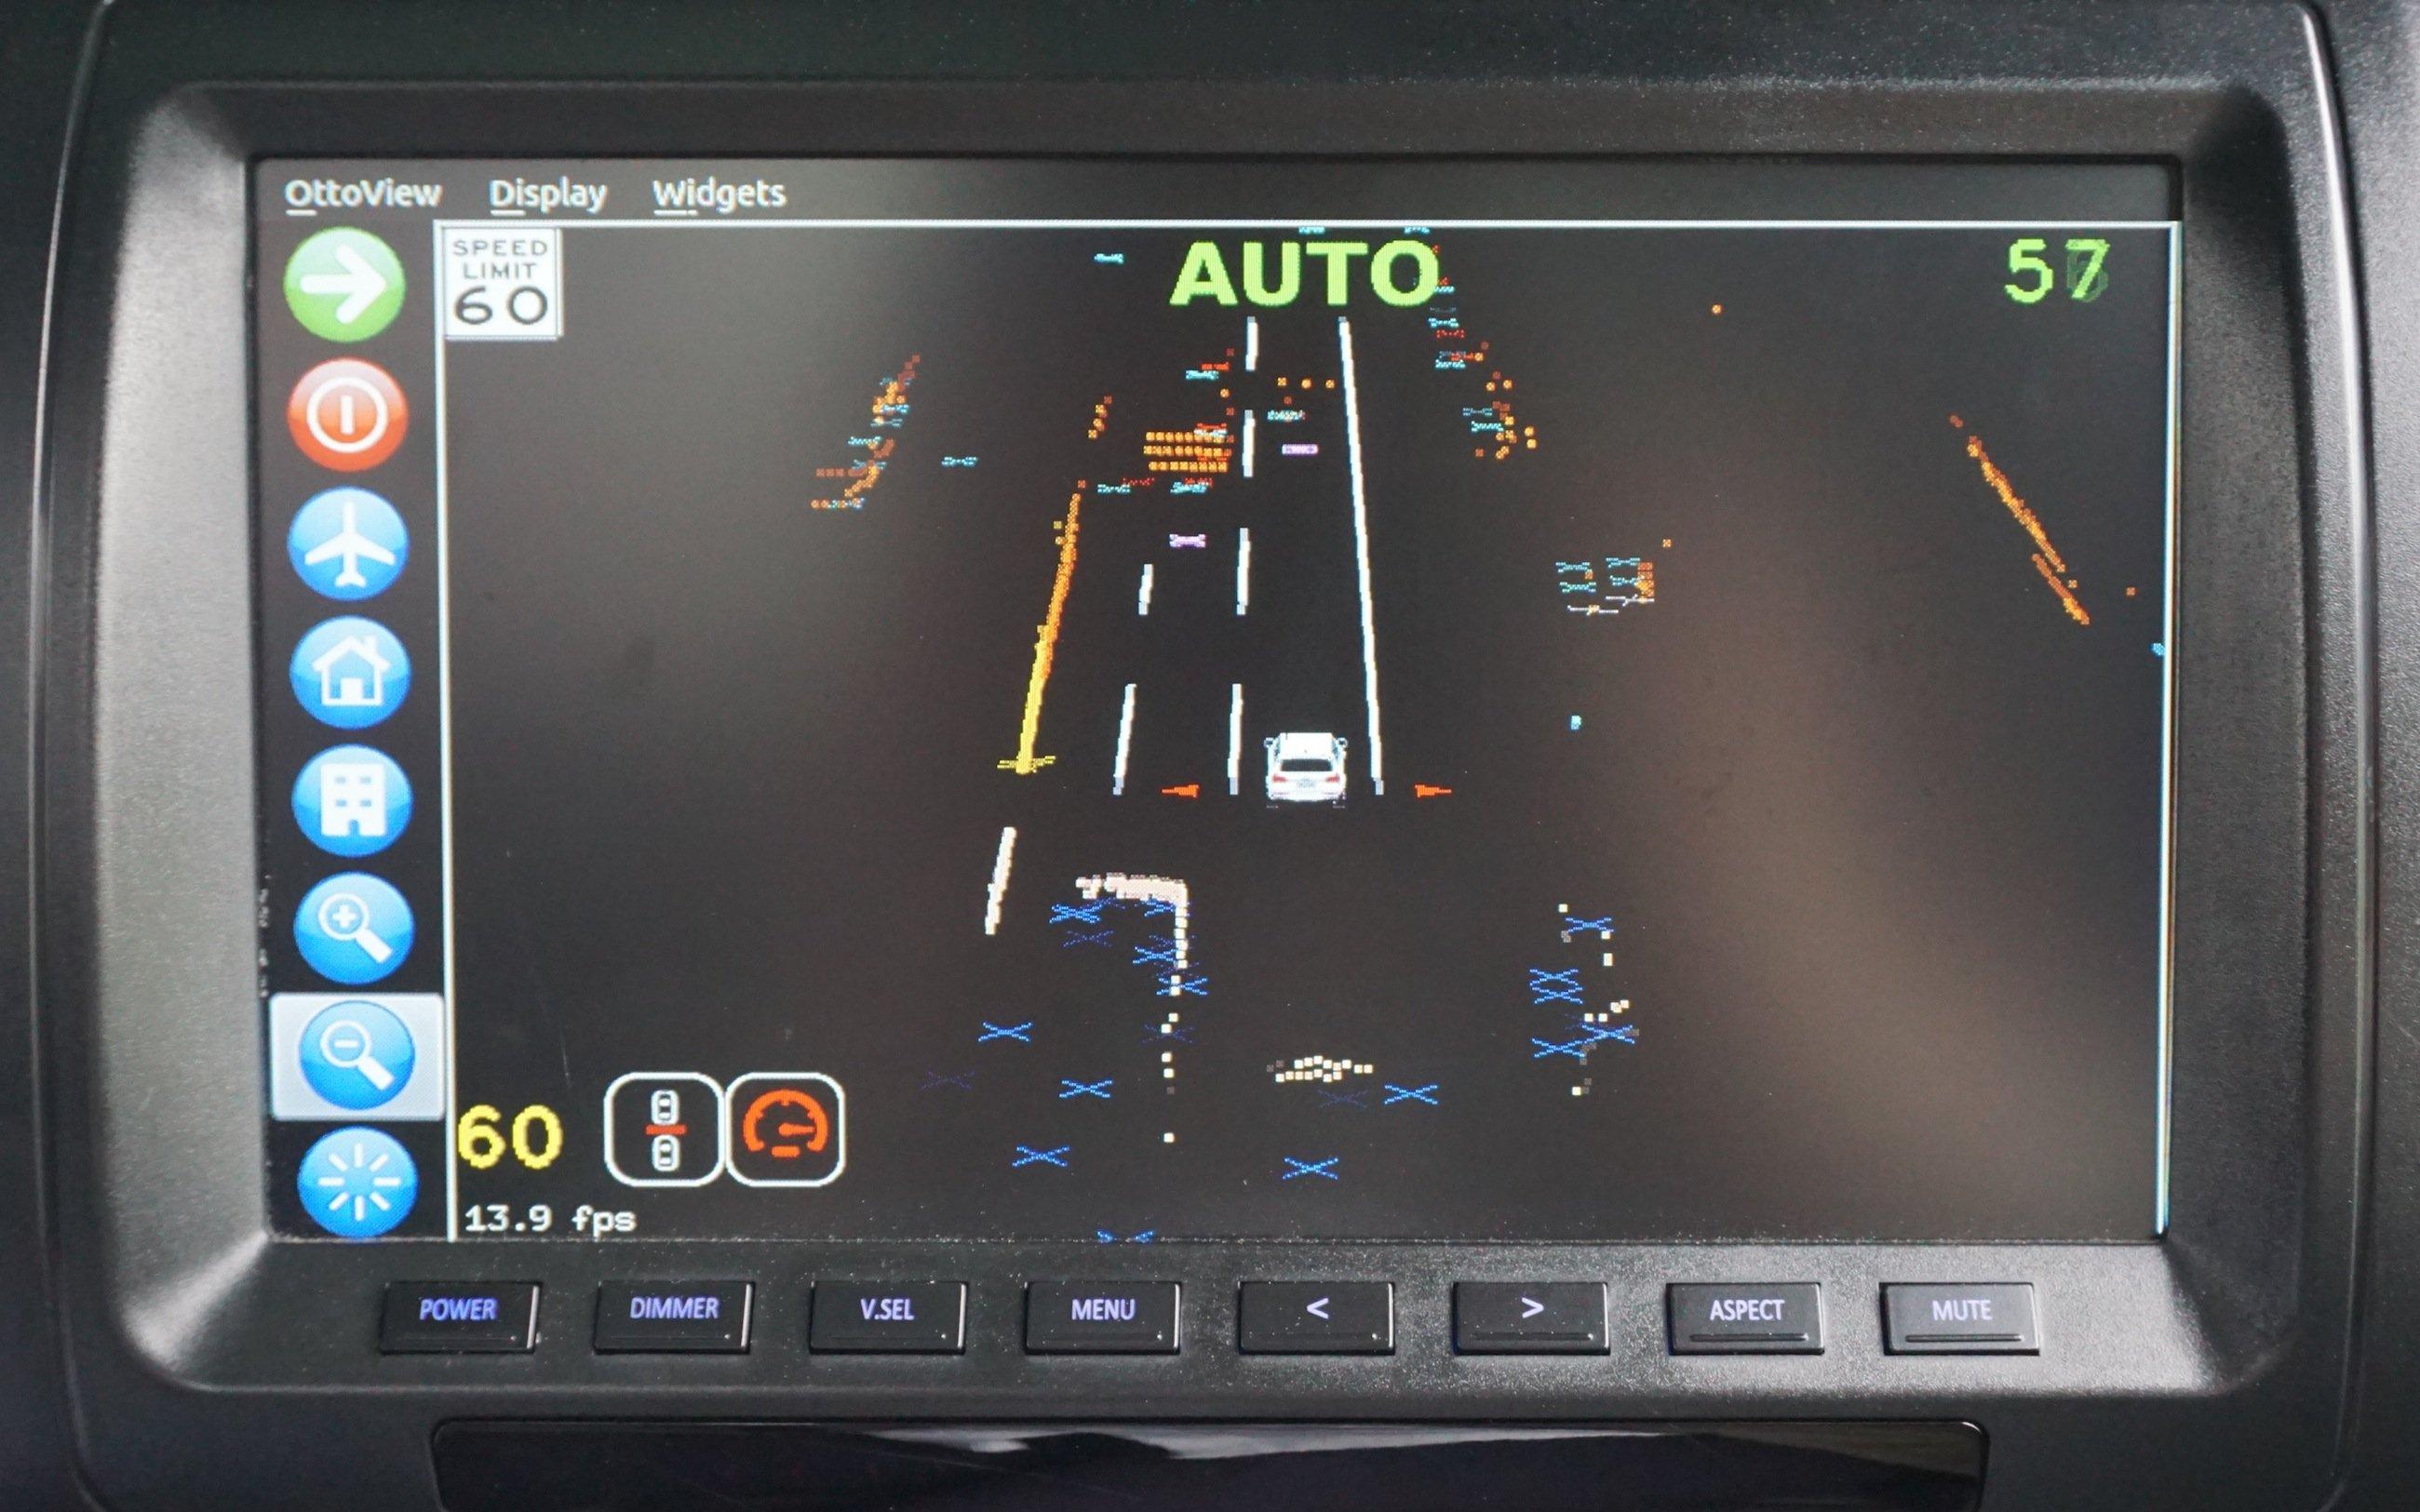 Eine spezielle Software ermöglicht autonomes Fahren. Sie wertet Informationen der Kameras, Sensoren und des Laser-Radar-Systems Lidar aus.